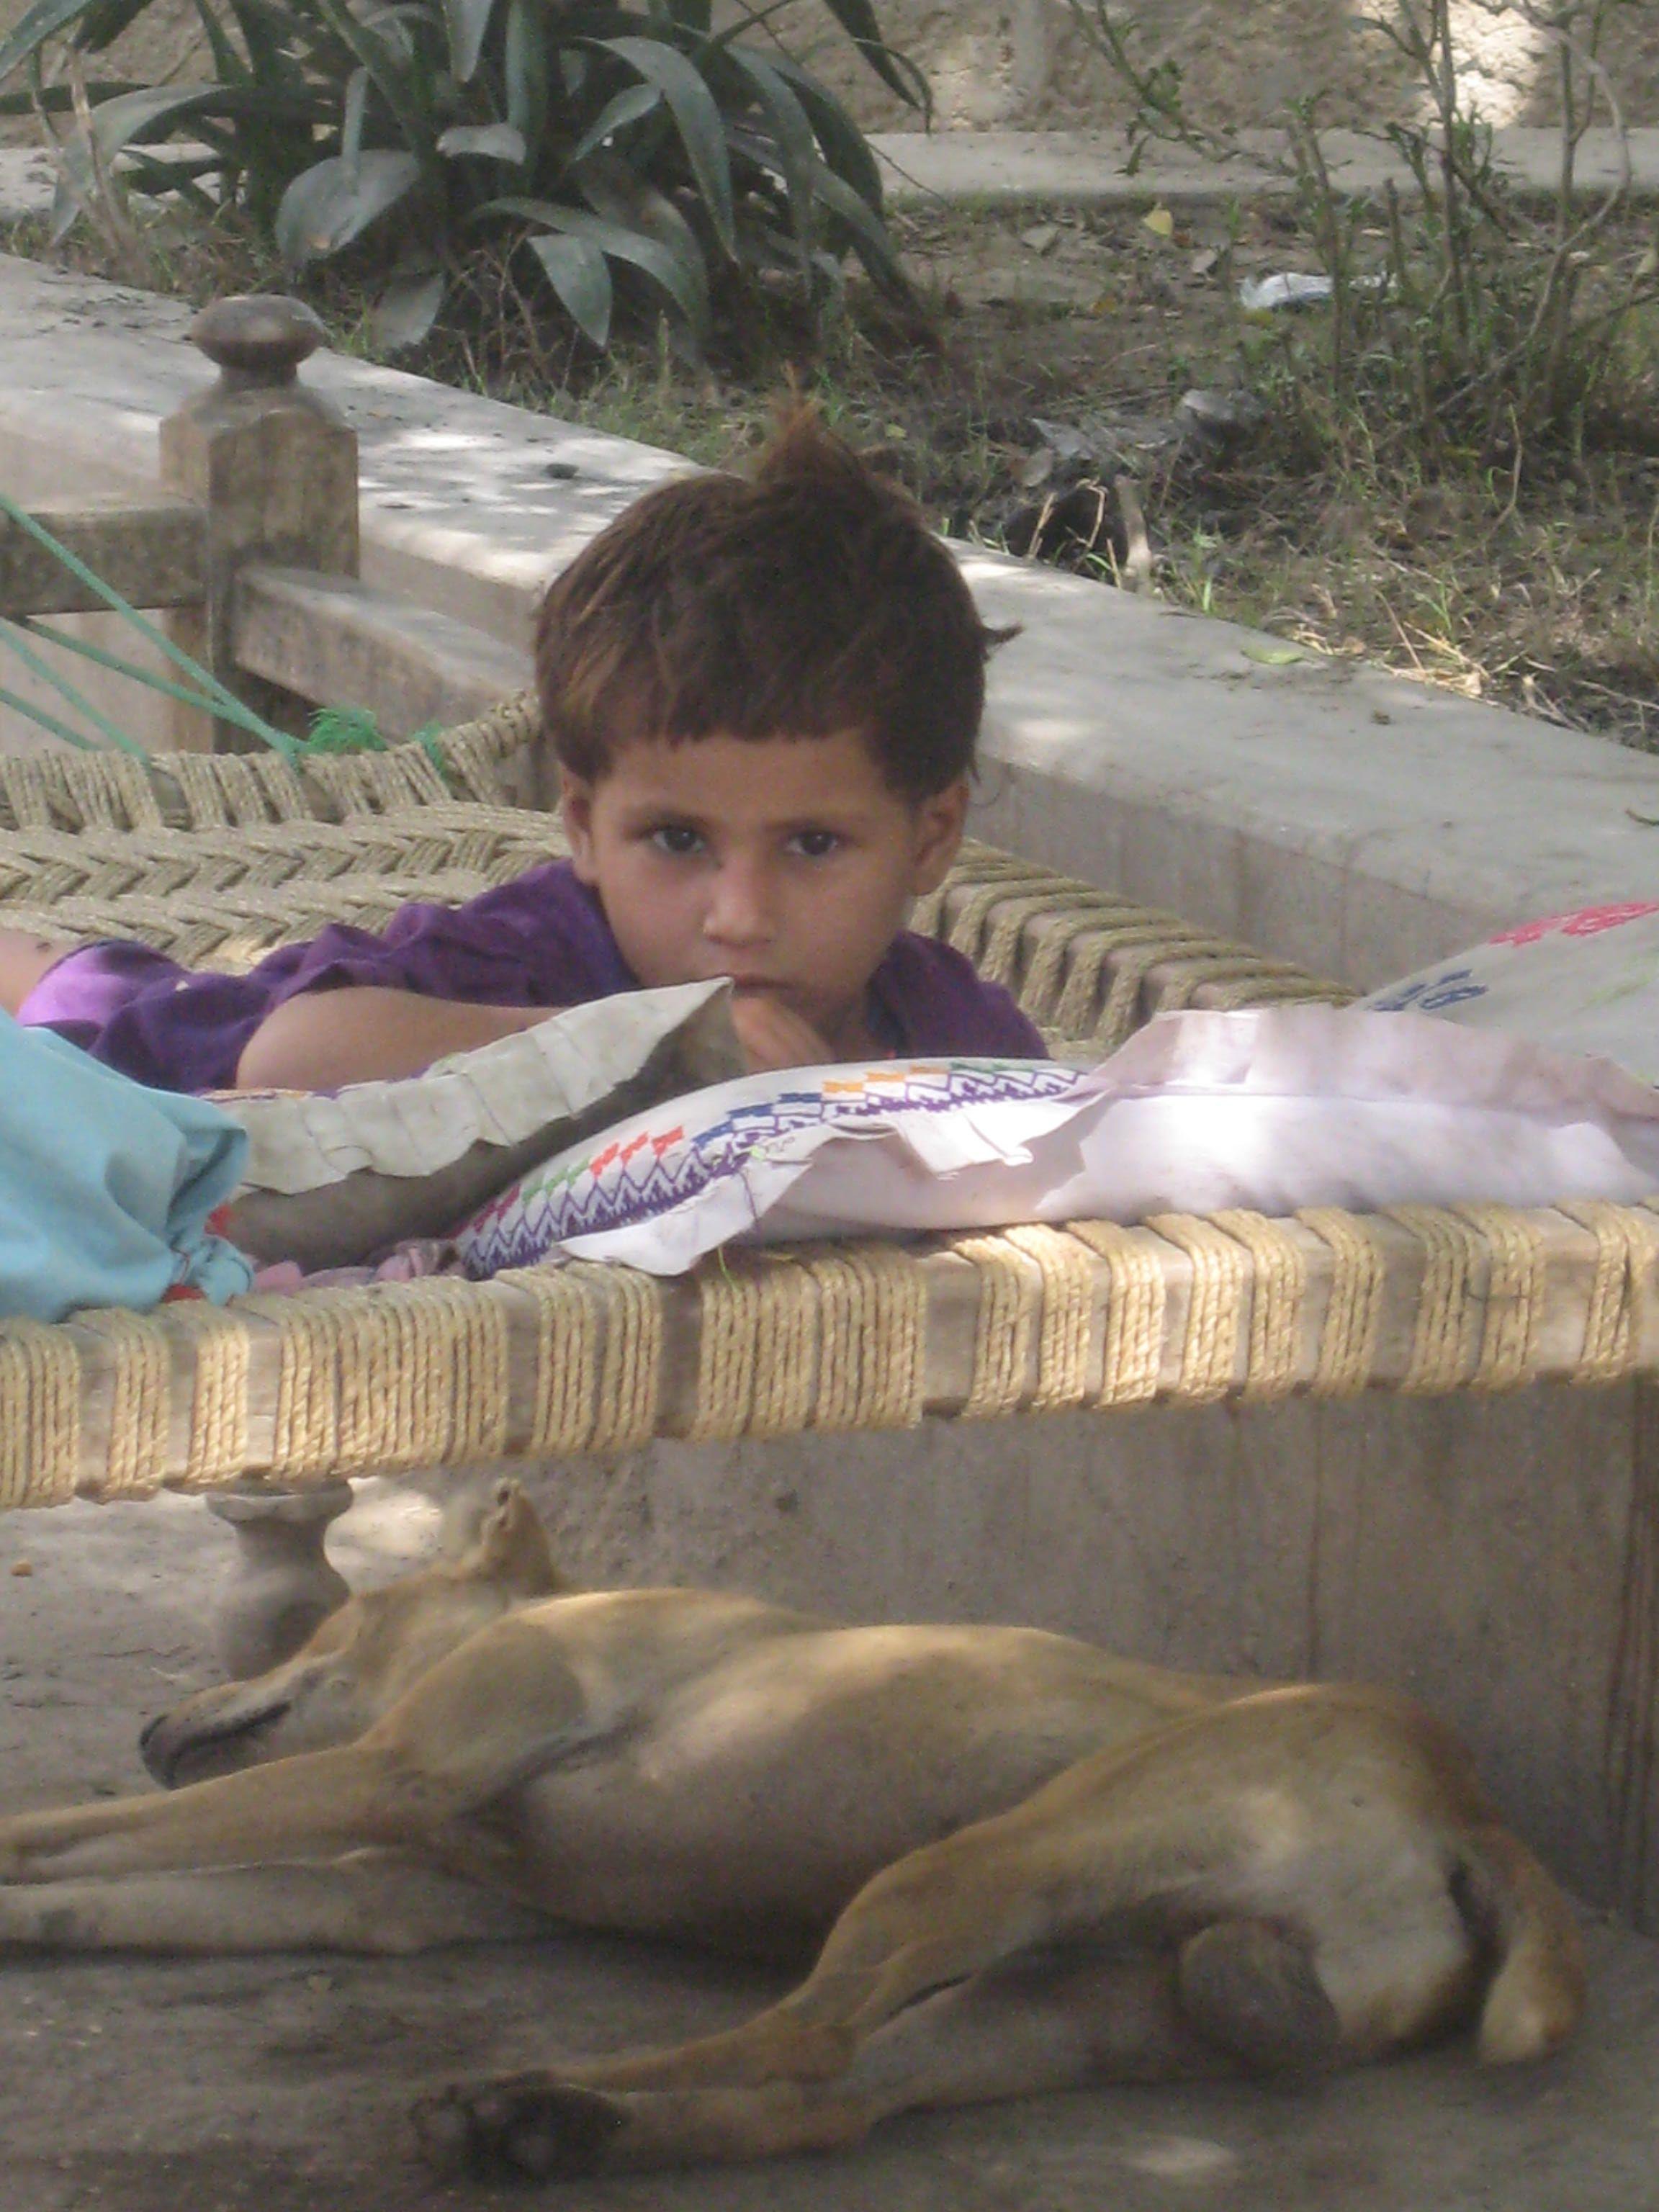 Pakistan Flood Relief 2010 Sevimli çocuklar